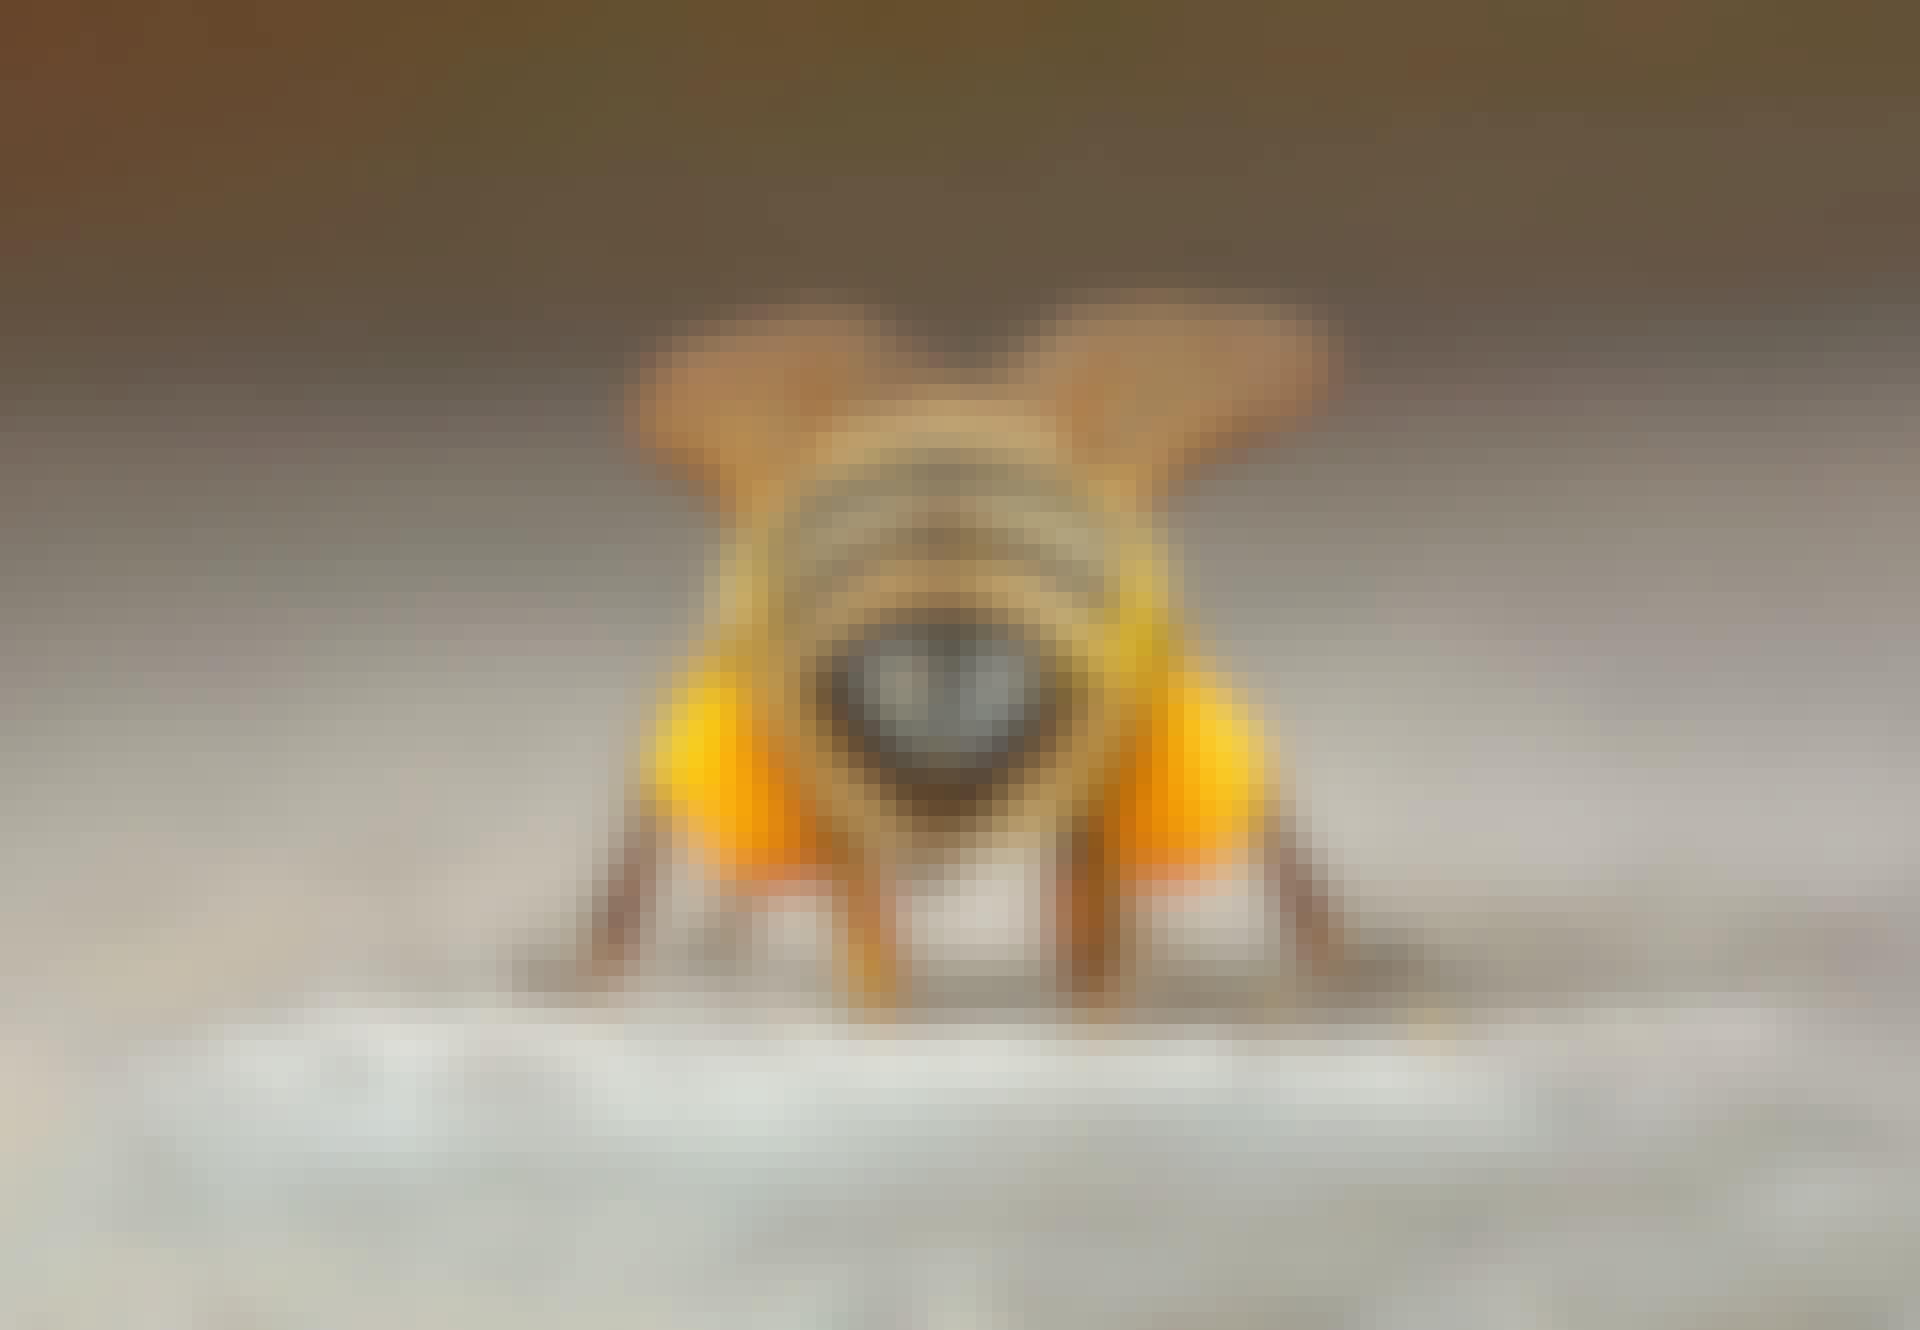 Mehiläisen takaruumis ja siitepölyä